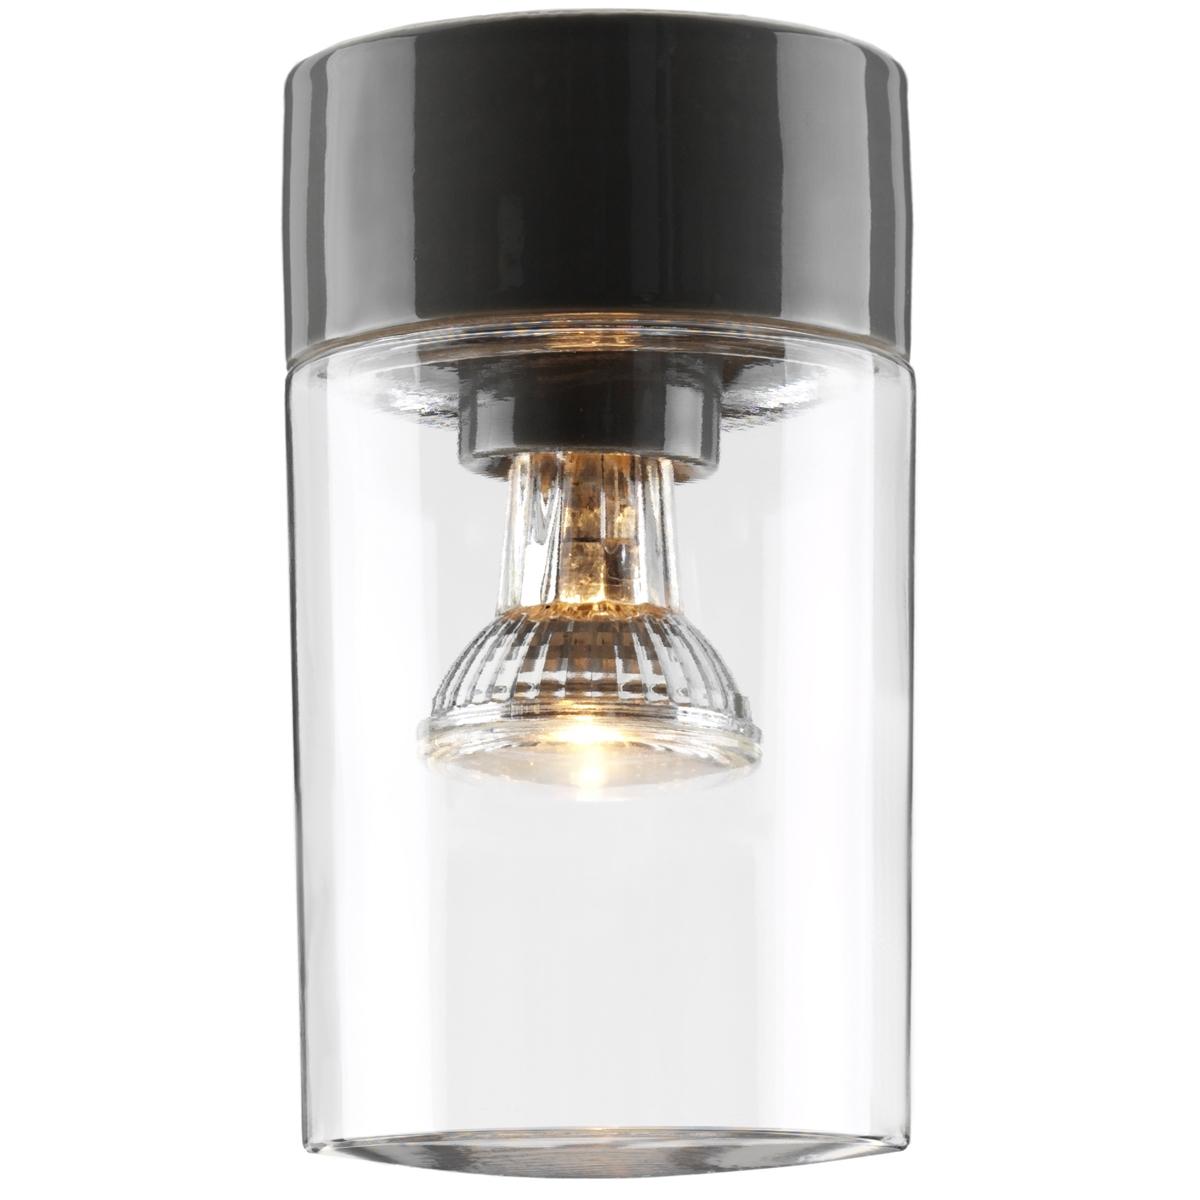 plafonnier cylindrique au design minimaliste pour salle de bains et sauna lampe en c ramique et. Black Bedroom Furniture Sets. Home Design Ideas